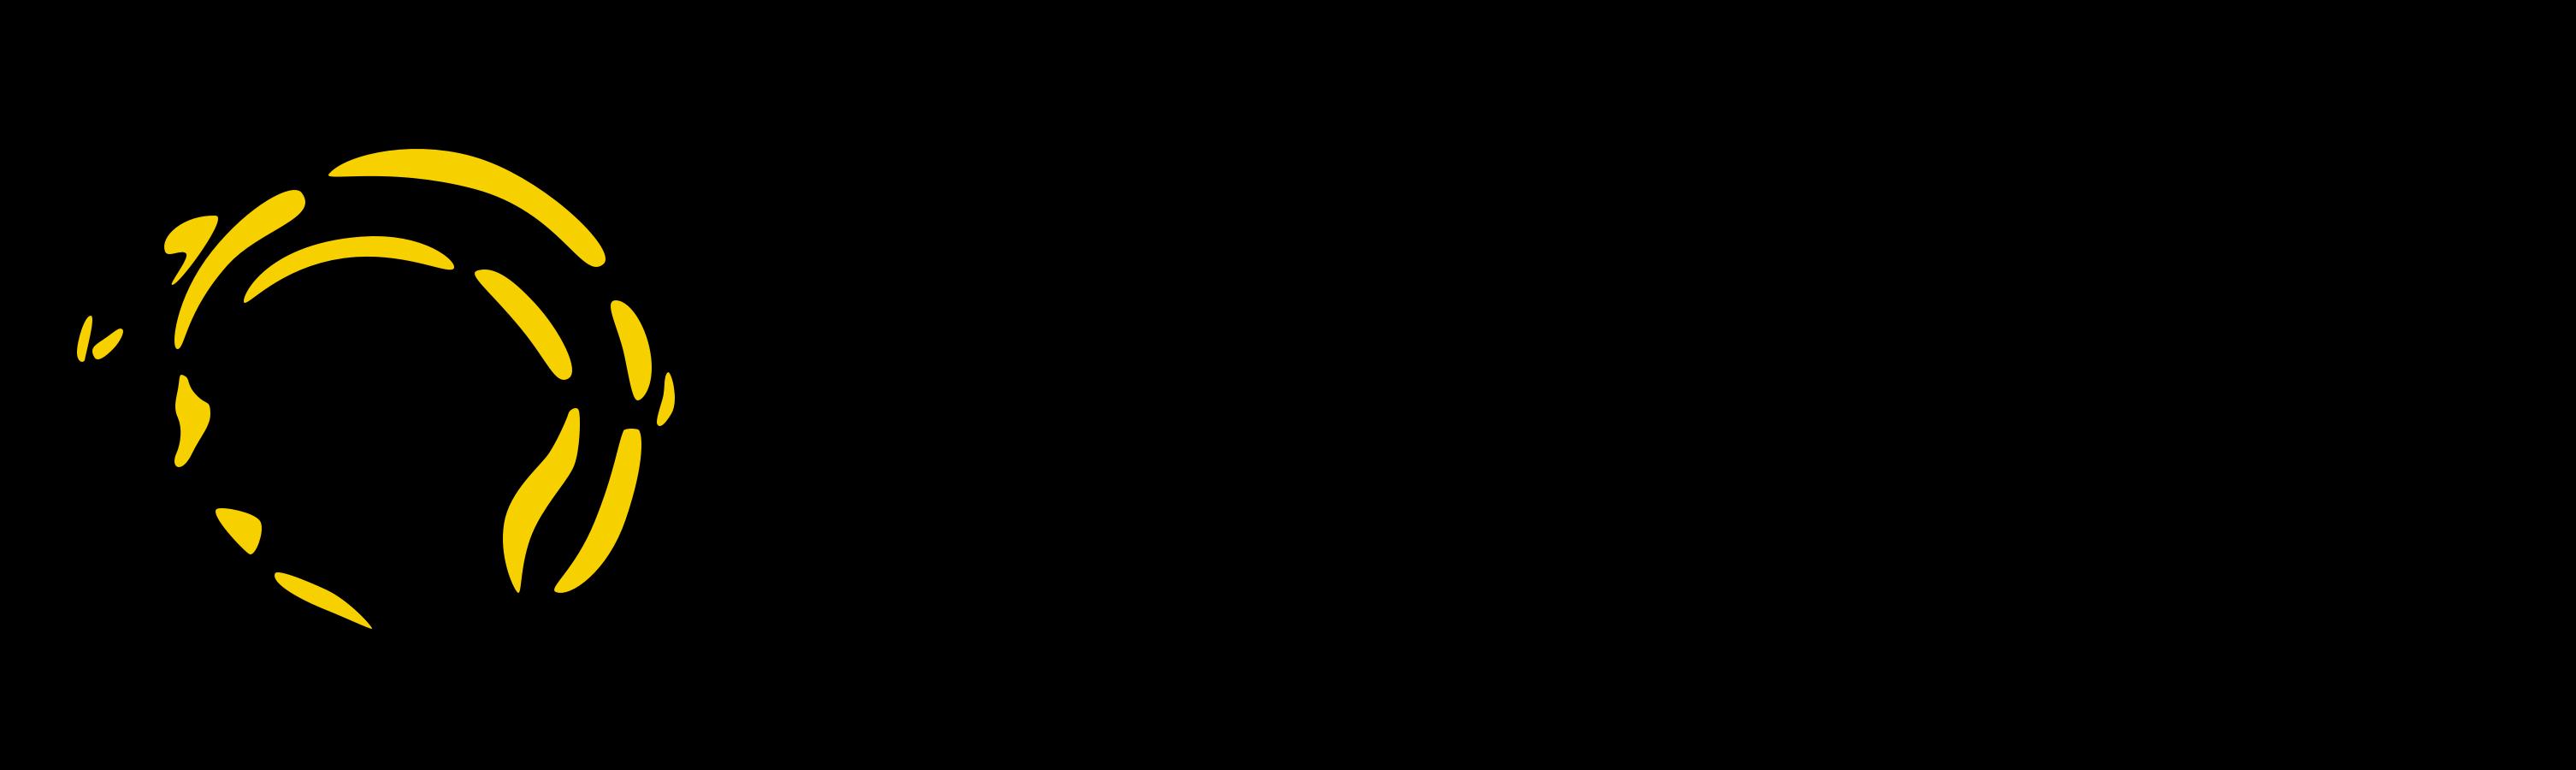 Mne Banner